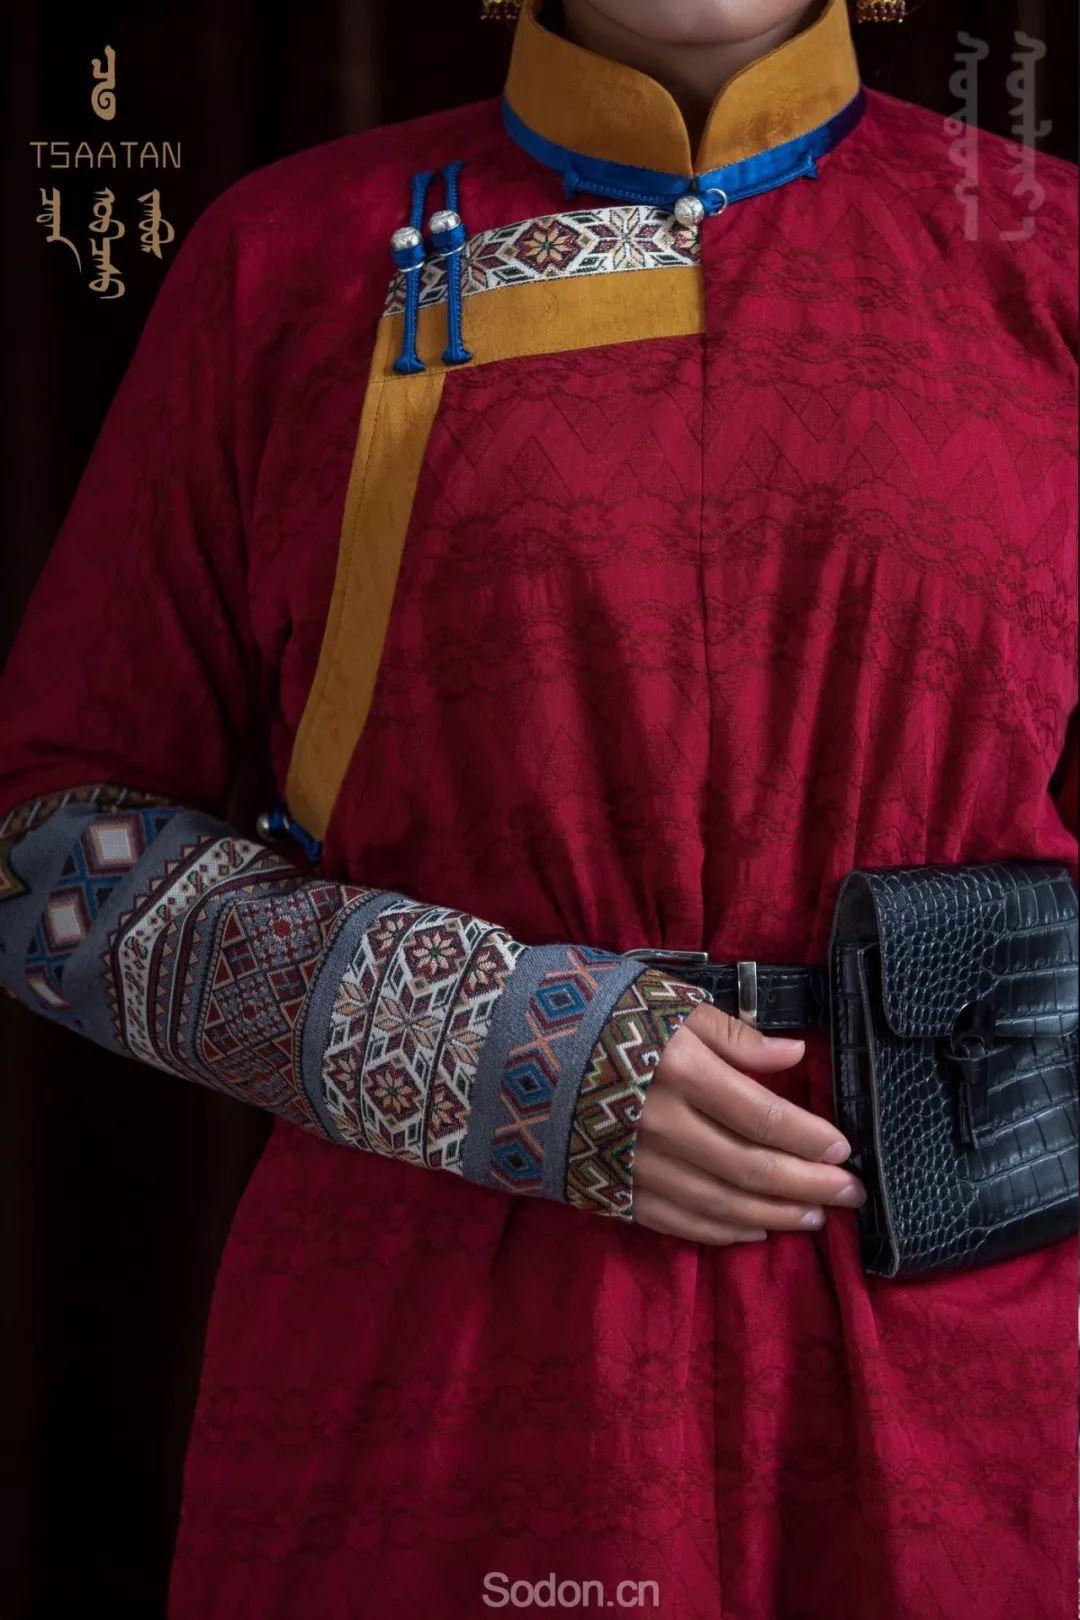 TSAATAN蒙古时装秋冬系列,来自驯鹿人的独特魅力! 第60张 TSAATAN蒙古时装秋冬系列,来自驯鹿人的独特魅力! 蒙古服饰